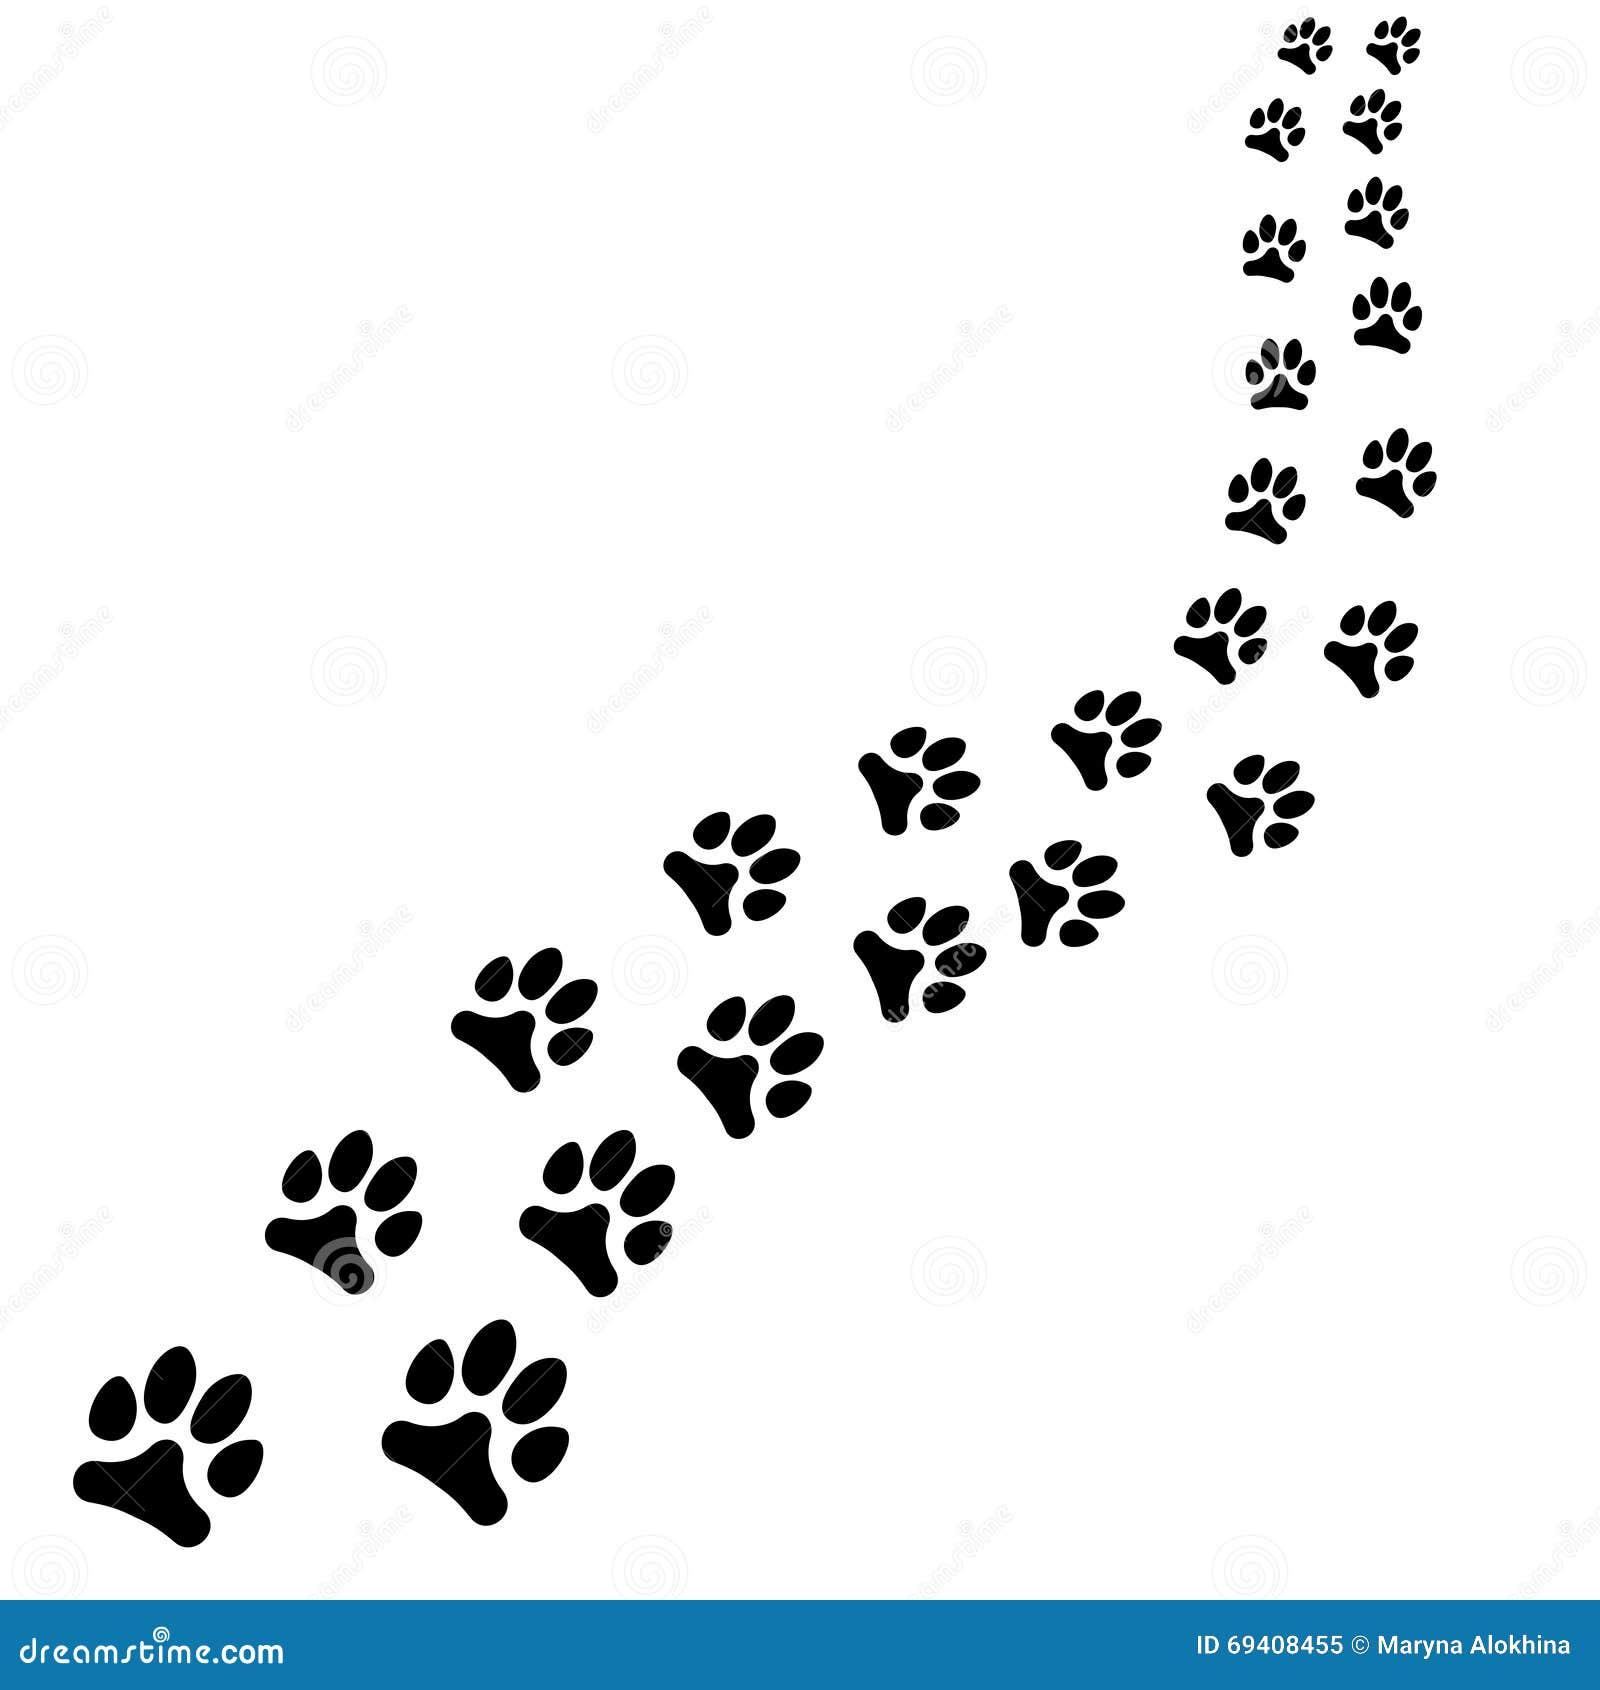 动物黑脚印狗或者猫道路道路在白色背景转动图片